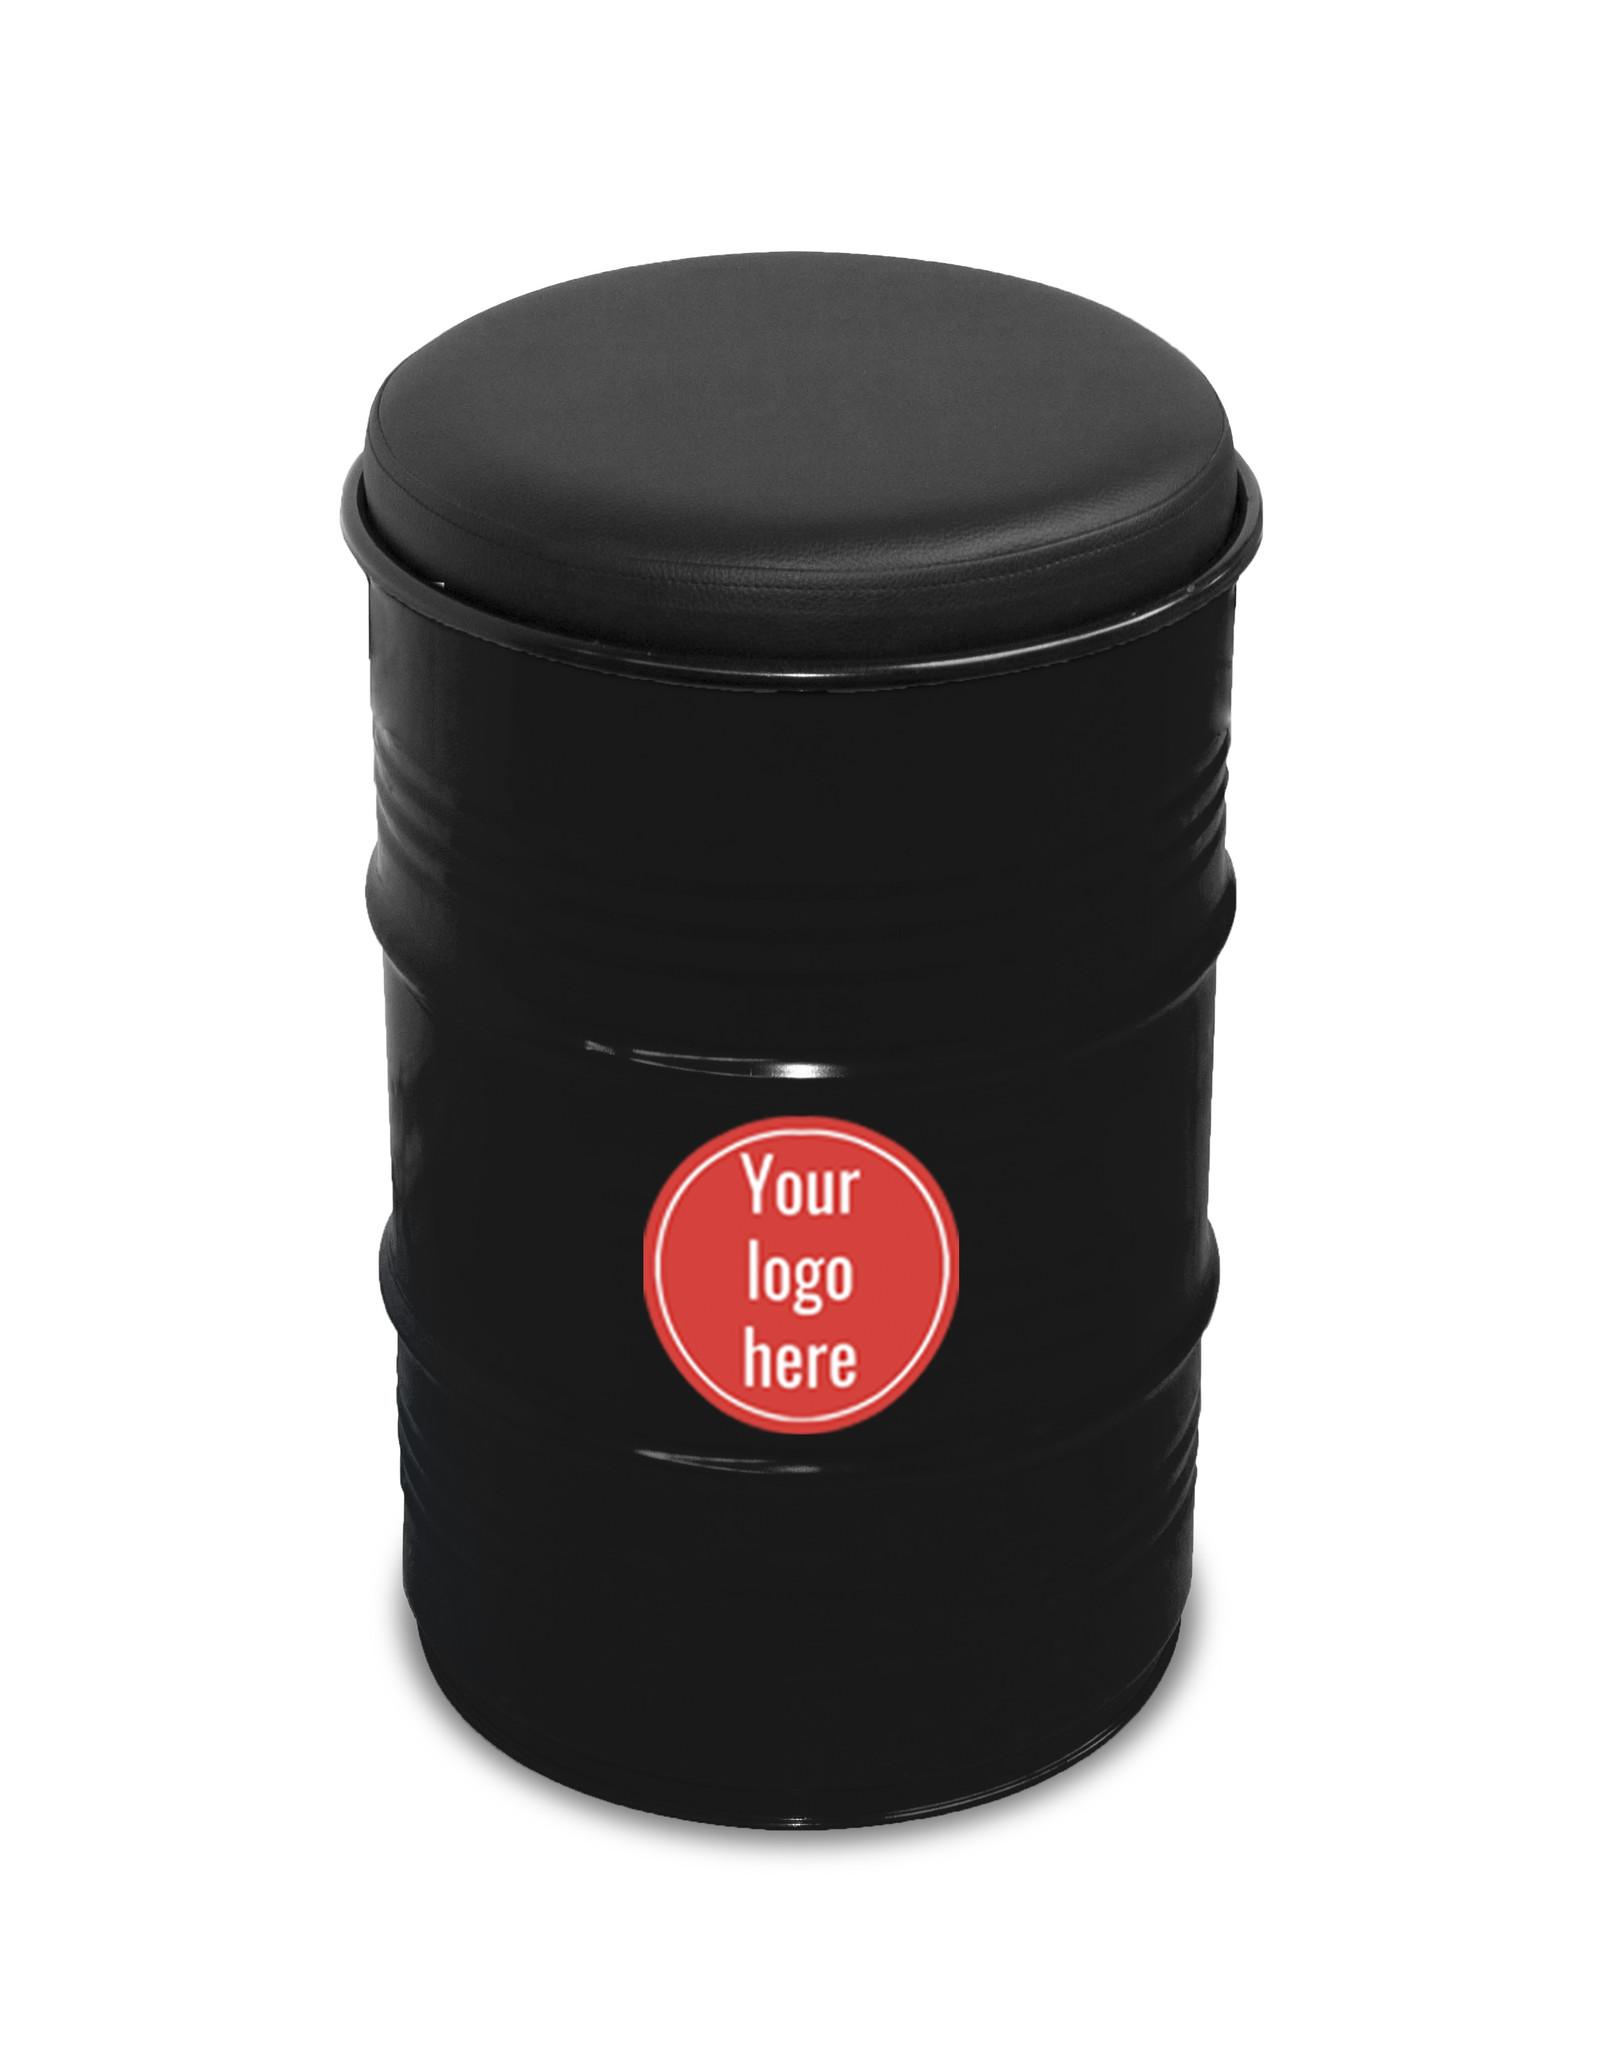 Barrelkings  Personalisieren Sie Ihren Mülleimer mit einem Aufkleber